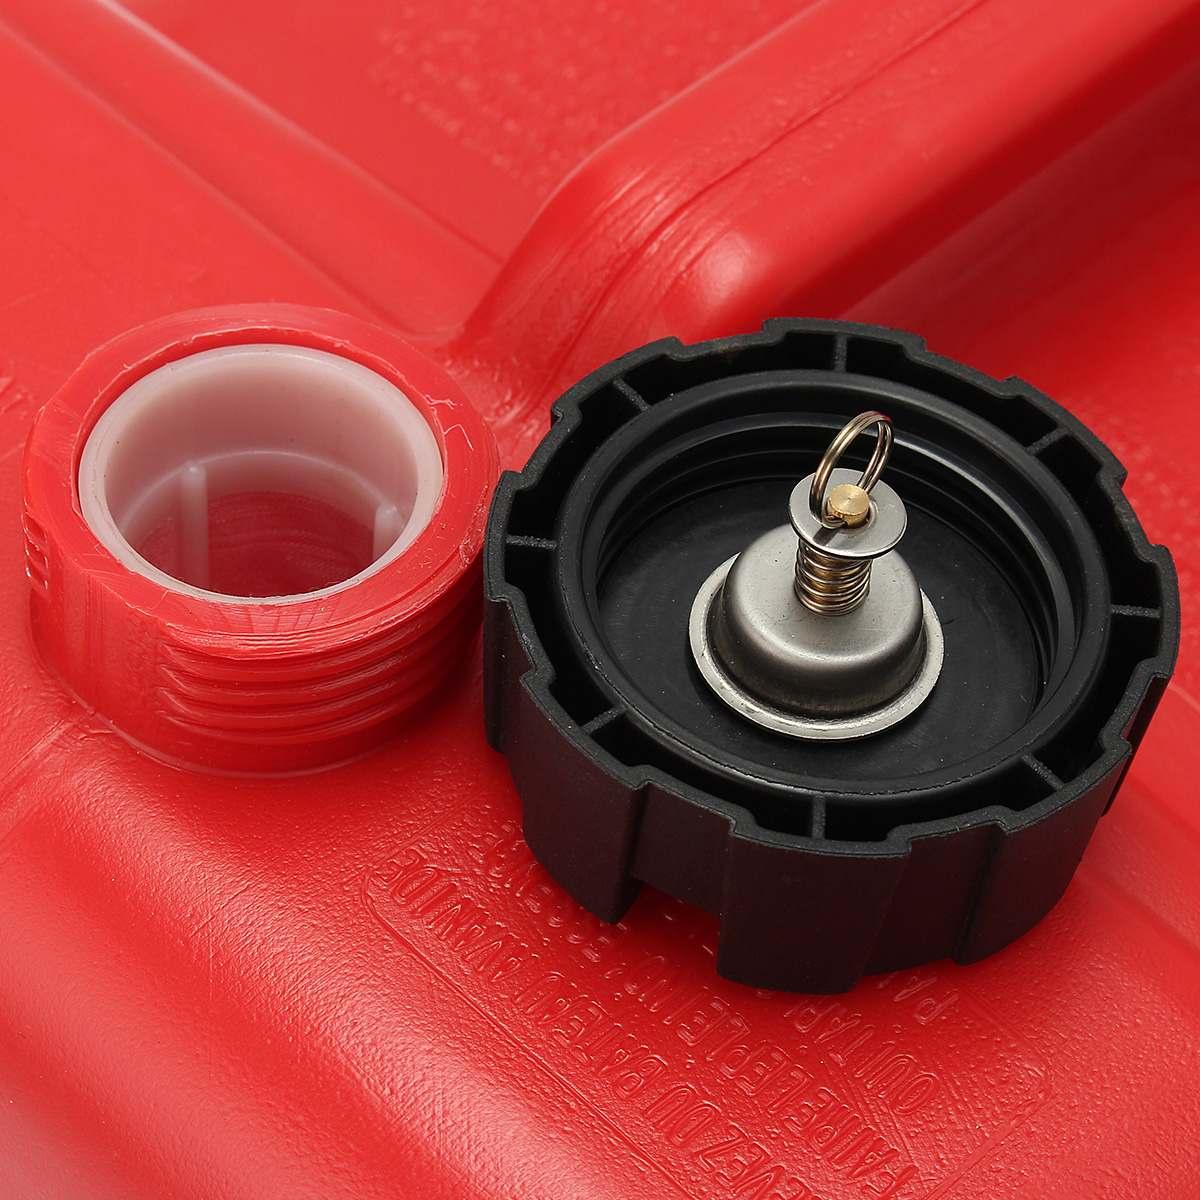 Boîte à huile extérieure Marine de réservoir de carburant de moteur de Yacht de bateau de 12L Portable avec le plastique rouge de connecteur Anti-statique résistant à la Corrosion - 5